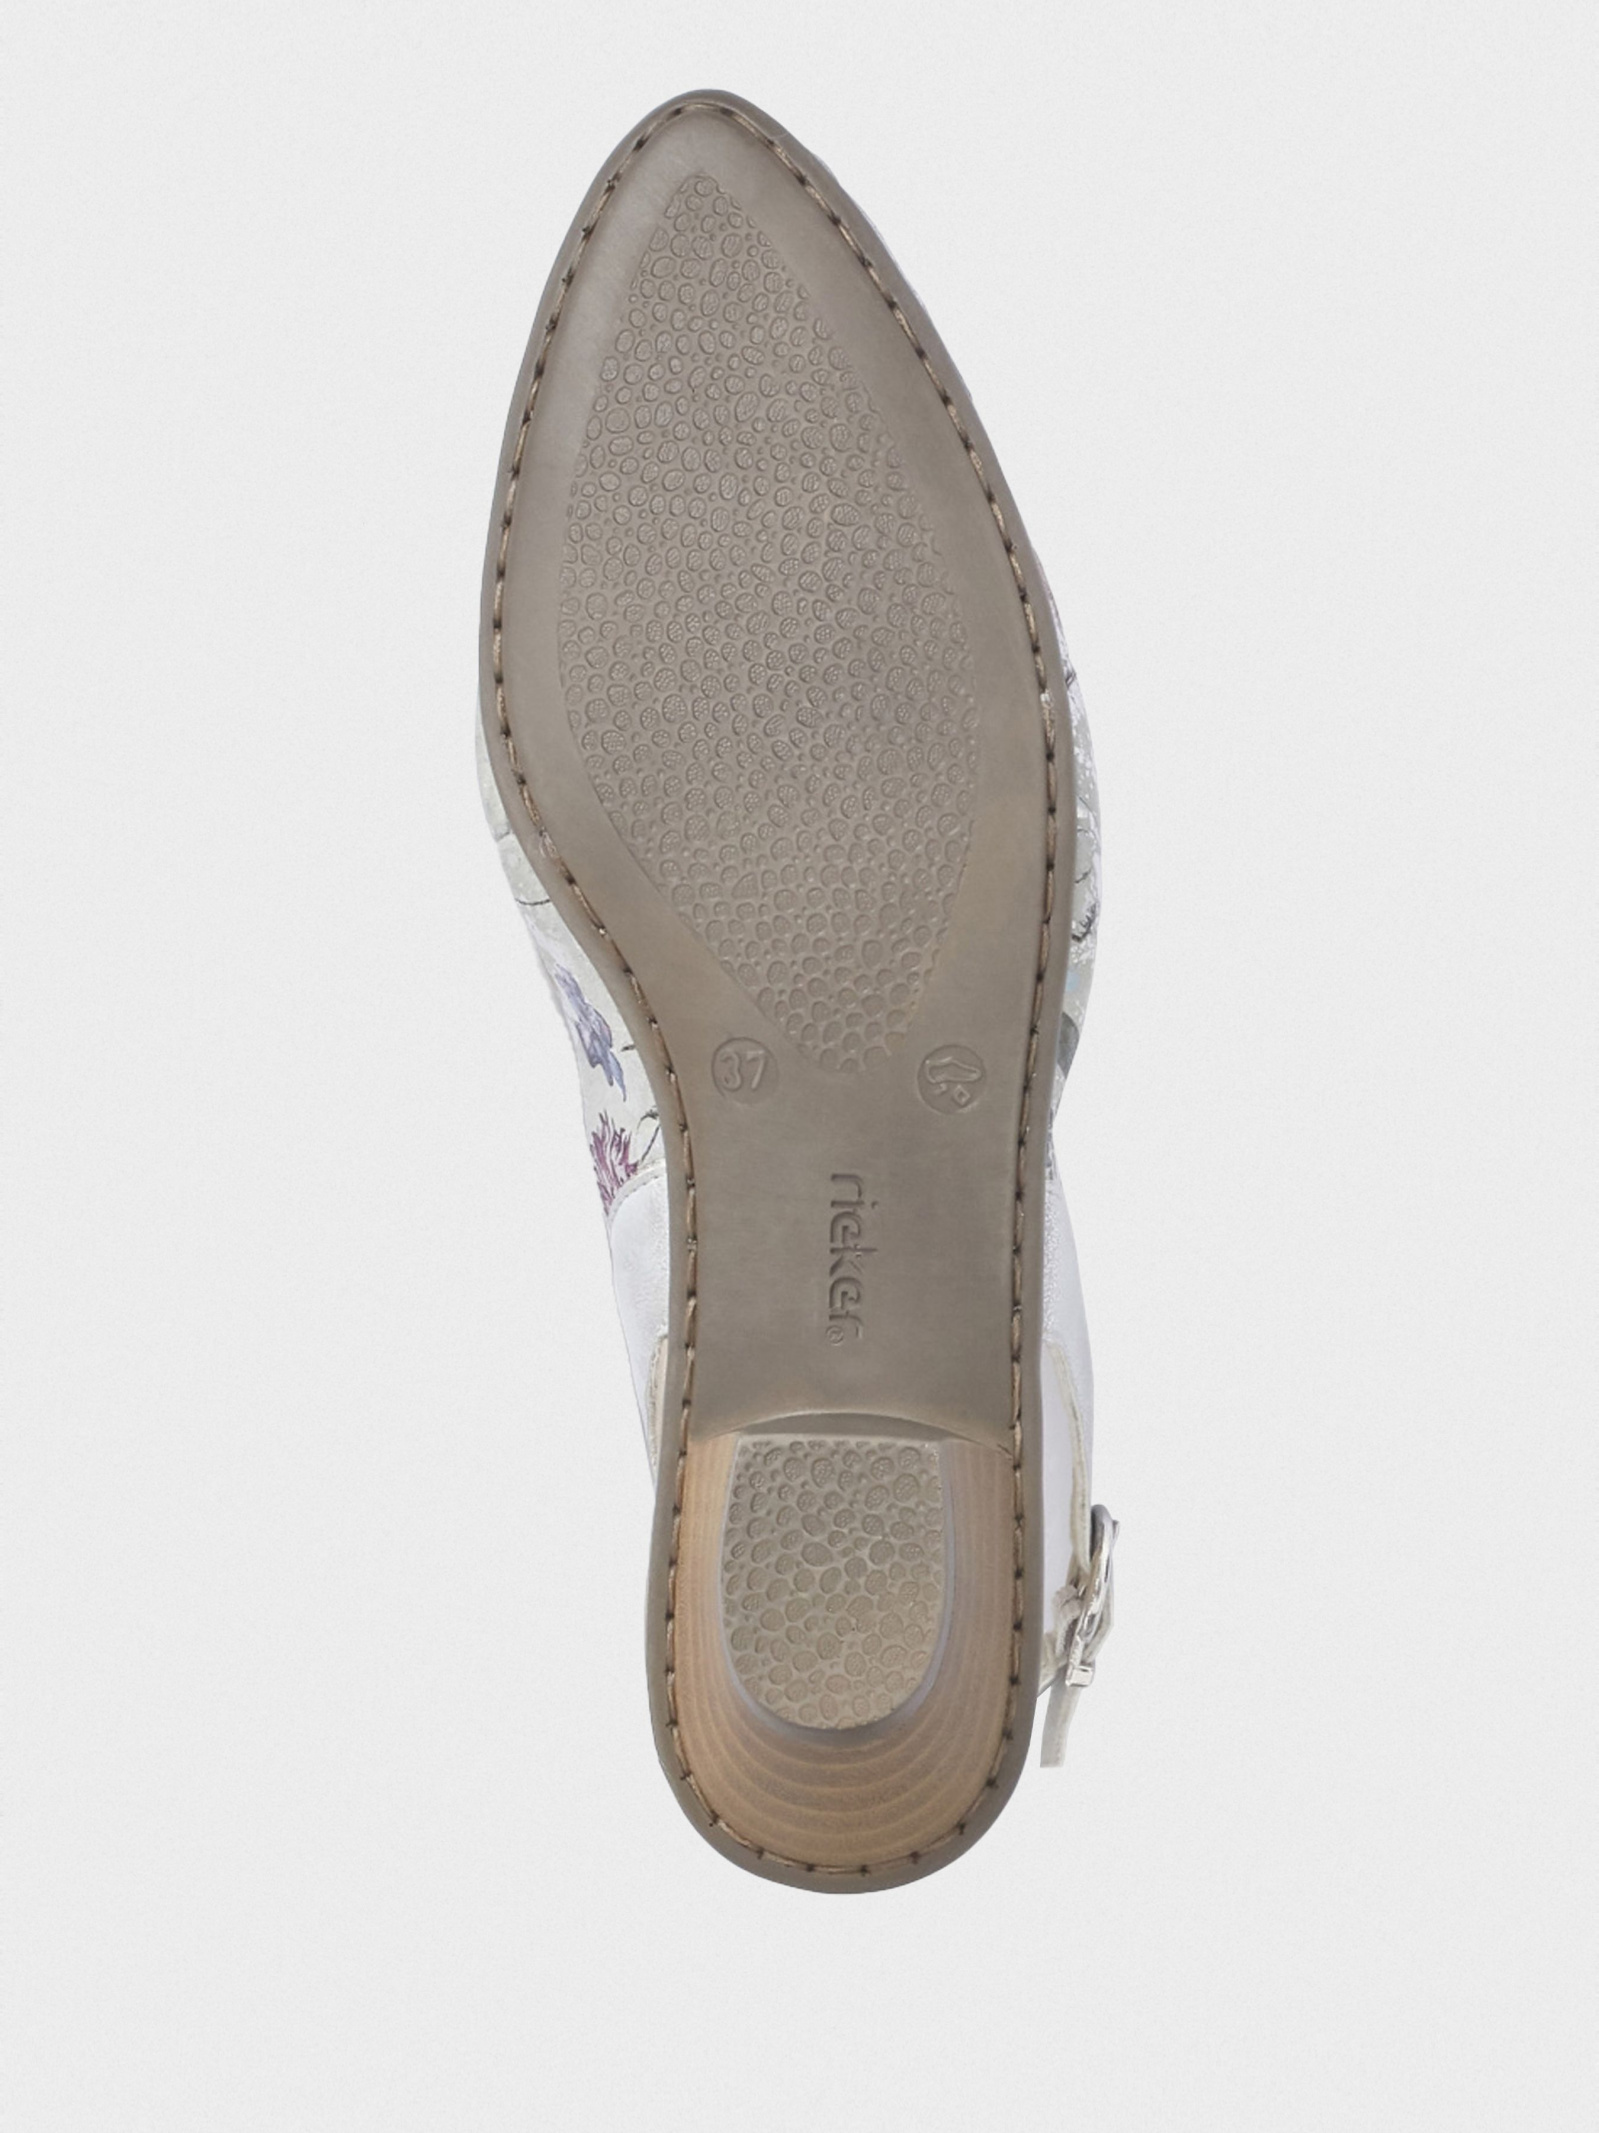 Босоніжки  для жінок RIEKER 58063/91 модне взуття, 2017